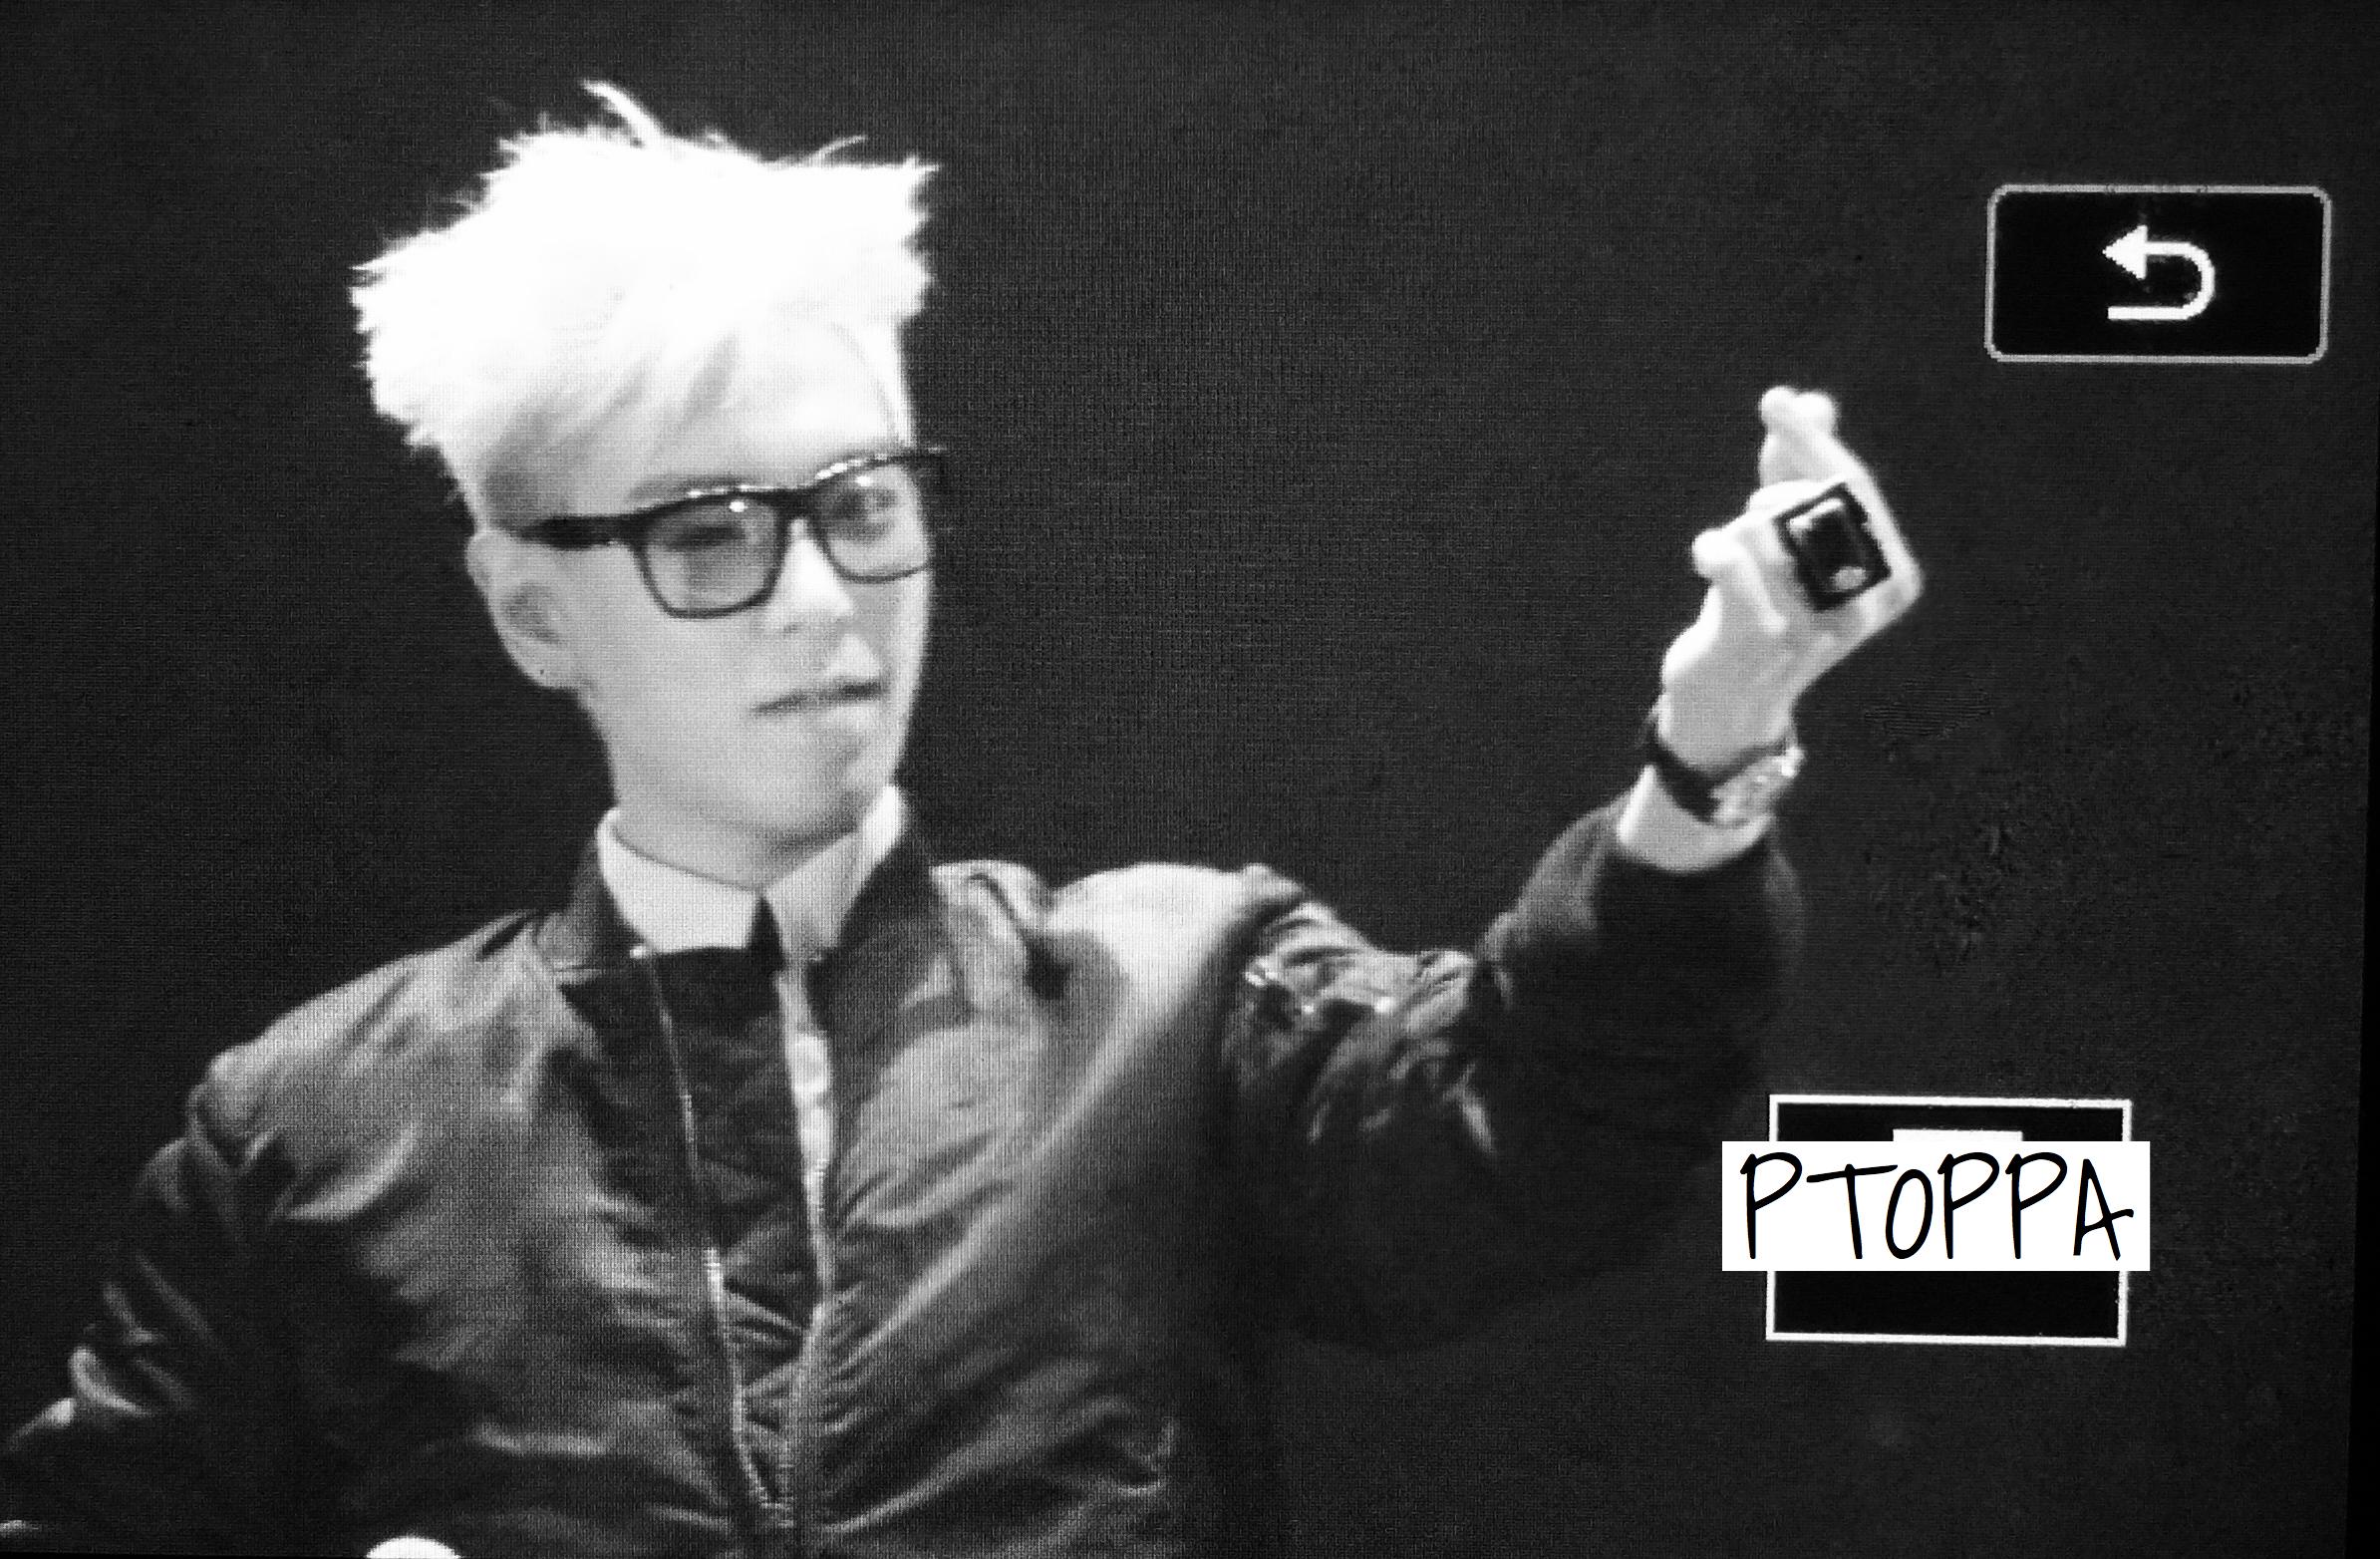 BIGBANG - Made Tour 2015 - Jakarta - 01aug2015 - PTOPPA - 05.jpg